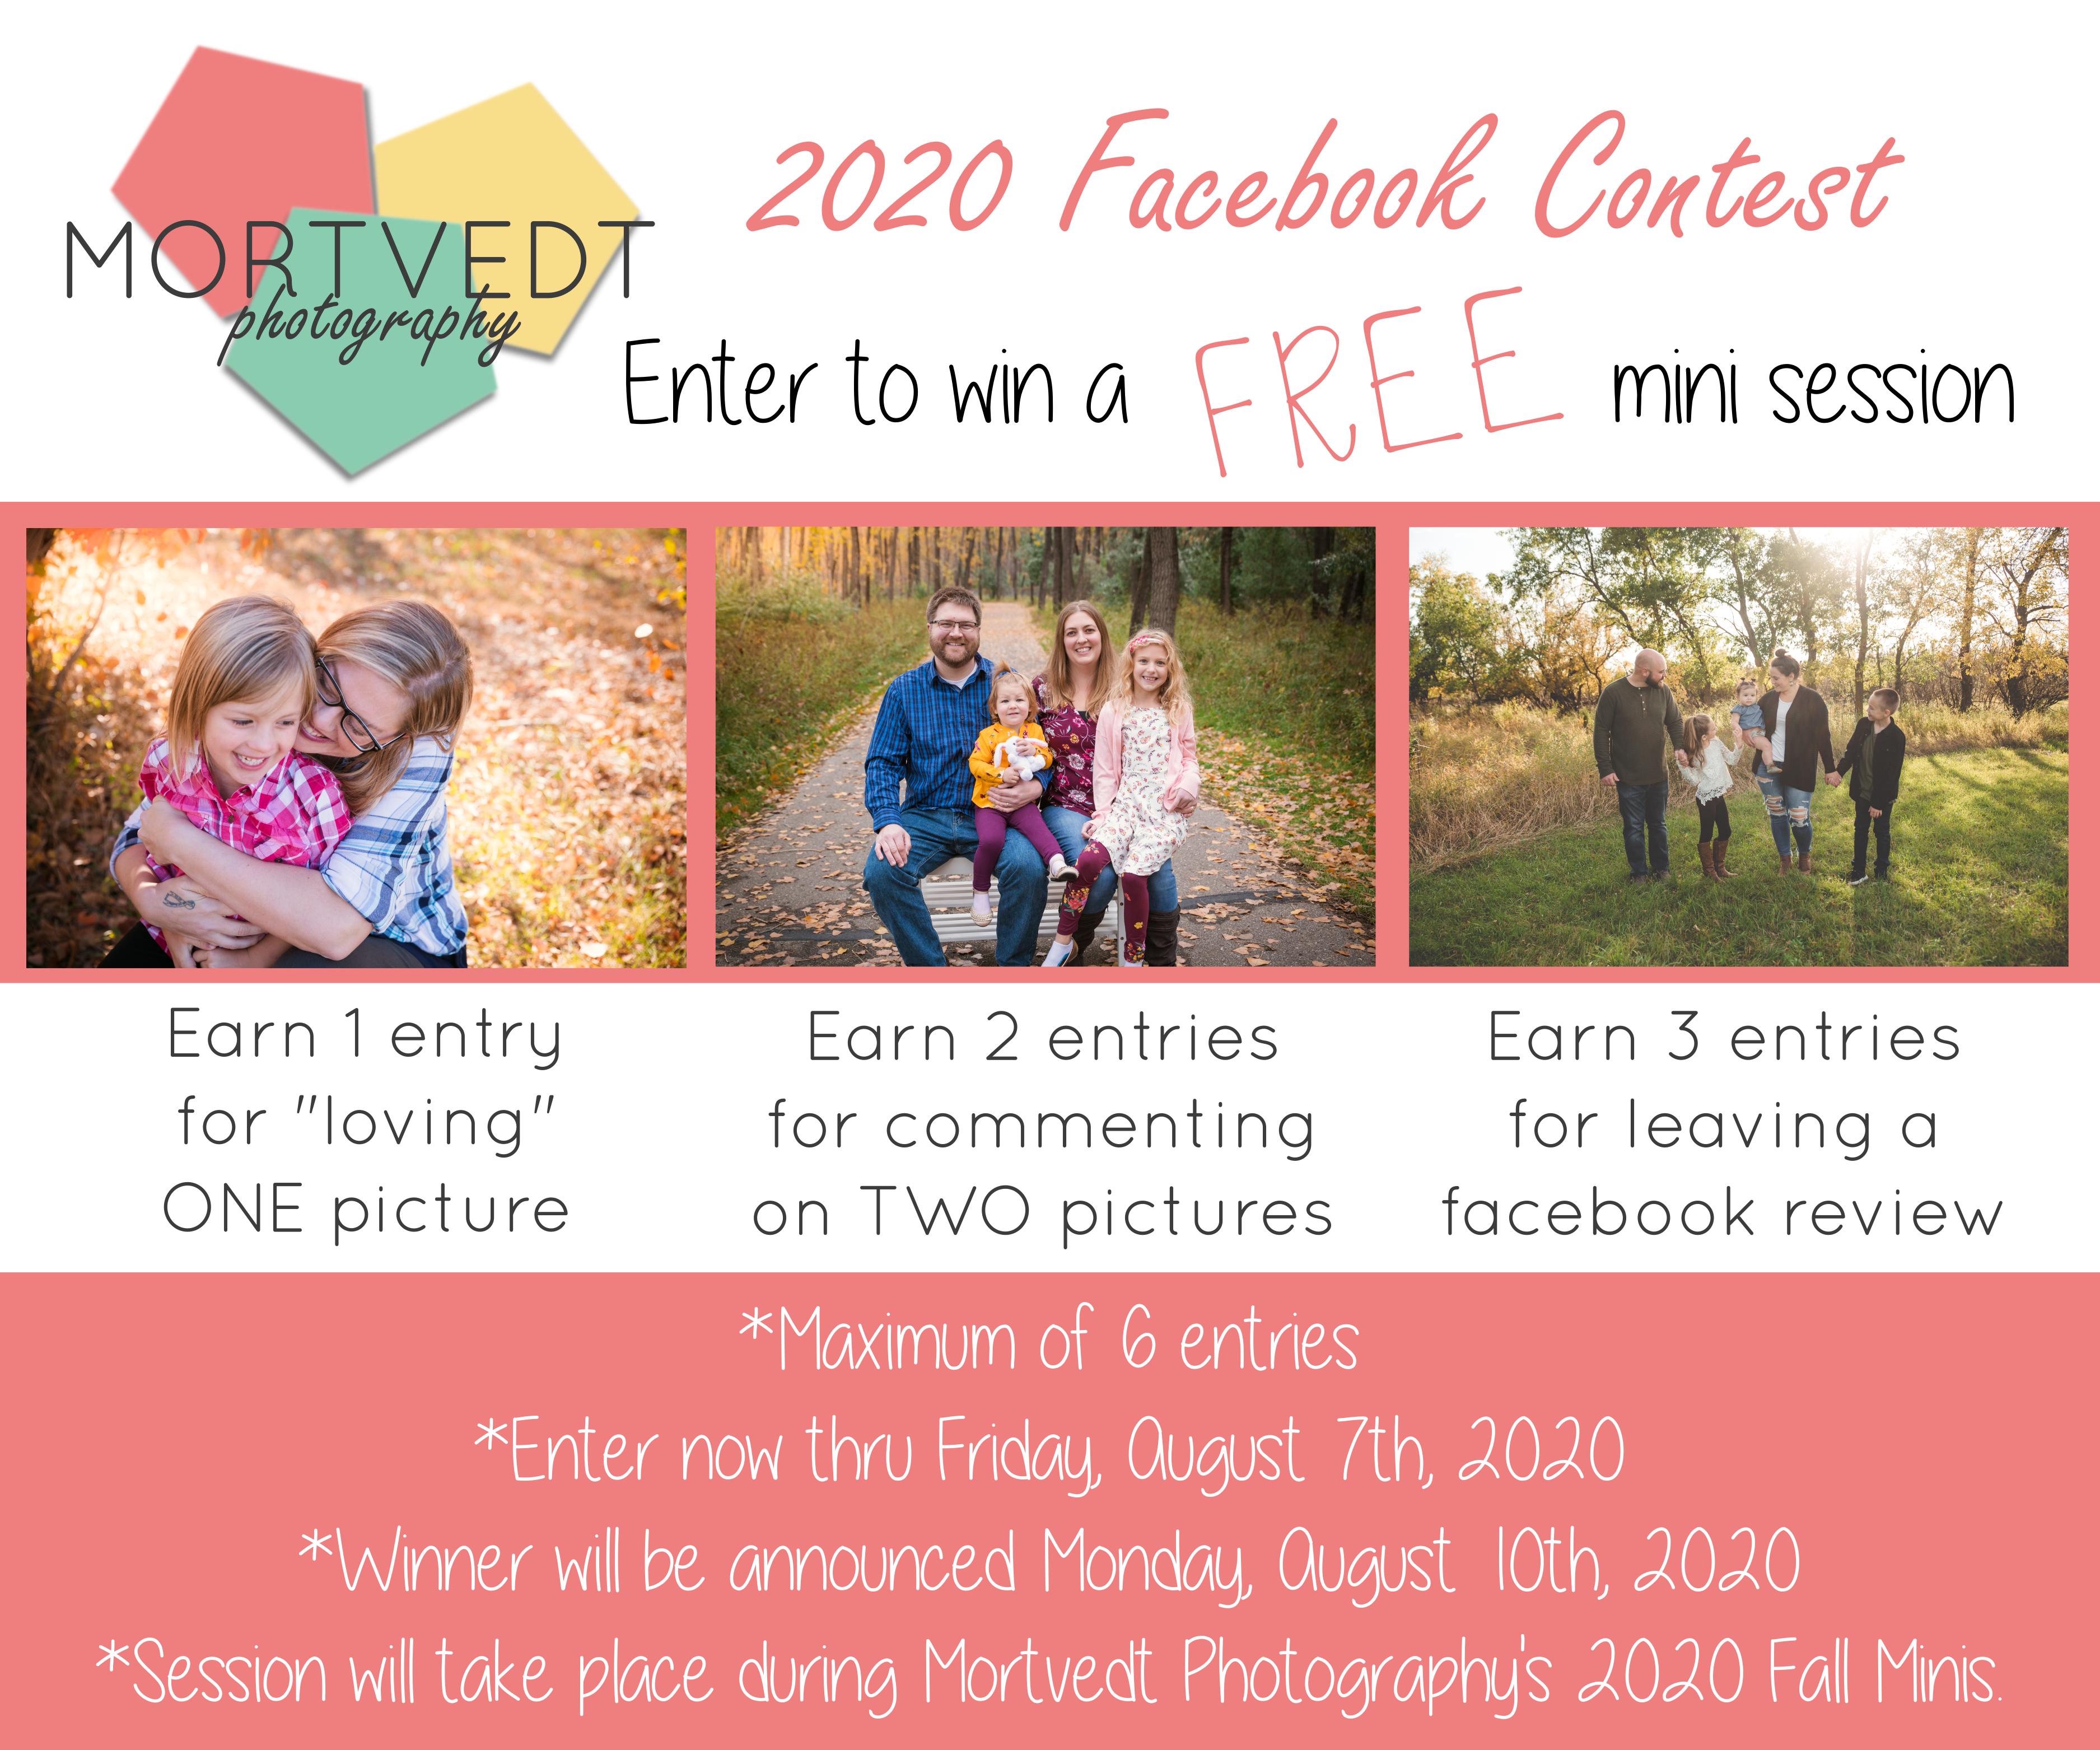 2020 Facebook Contest